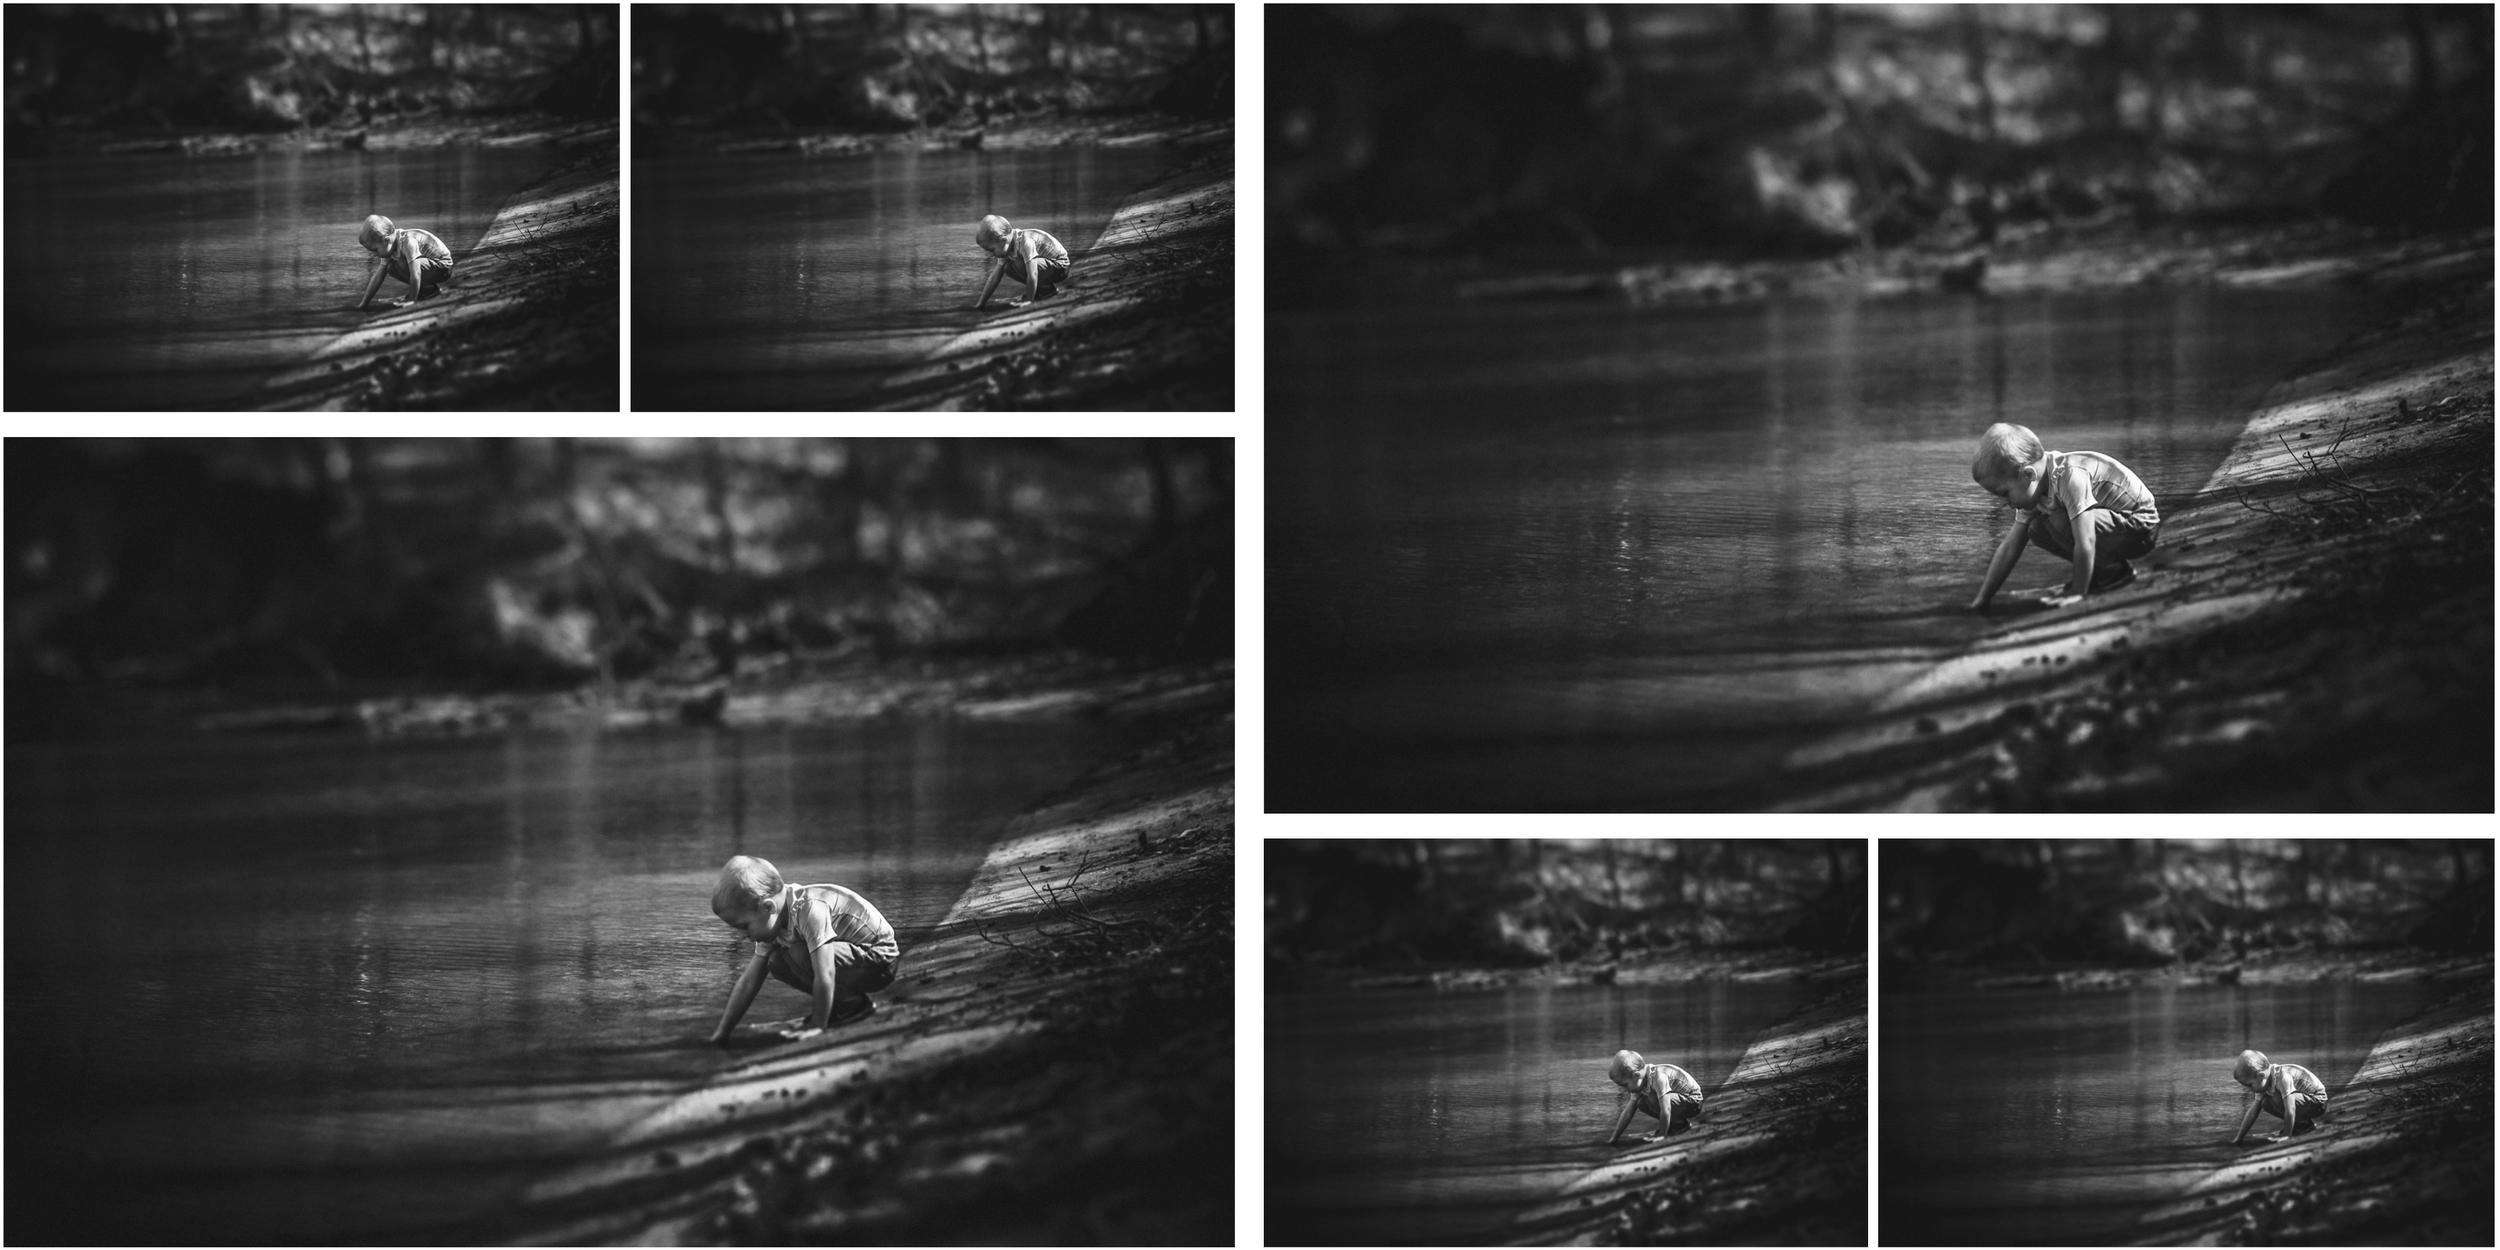 KJ Collage 1.jpg